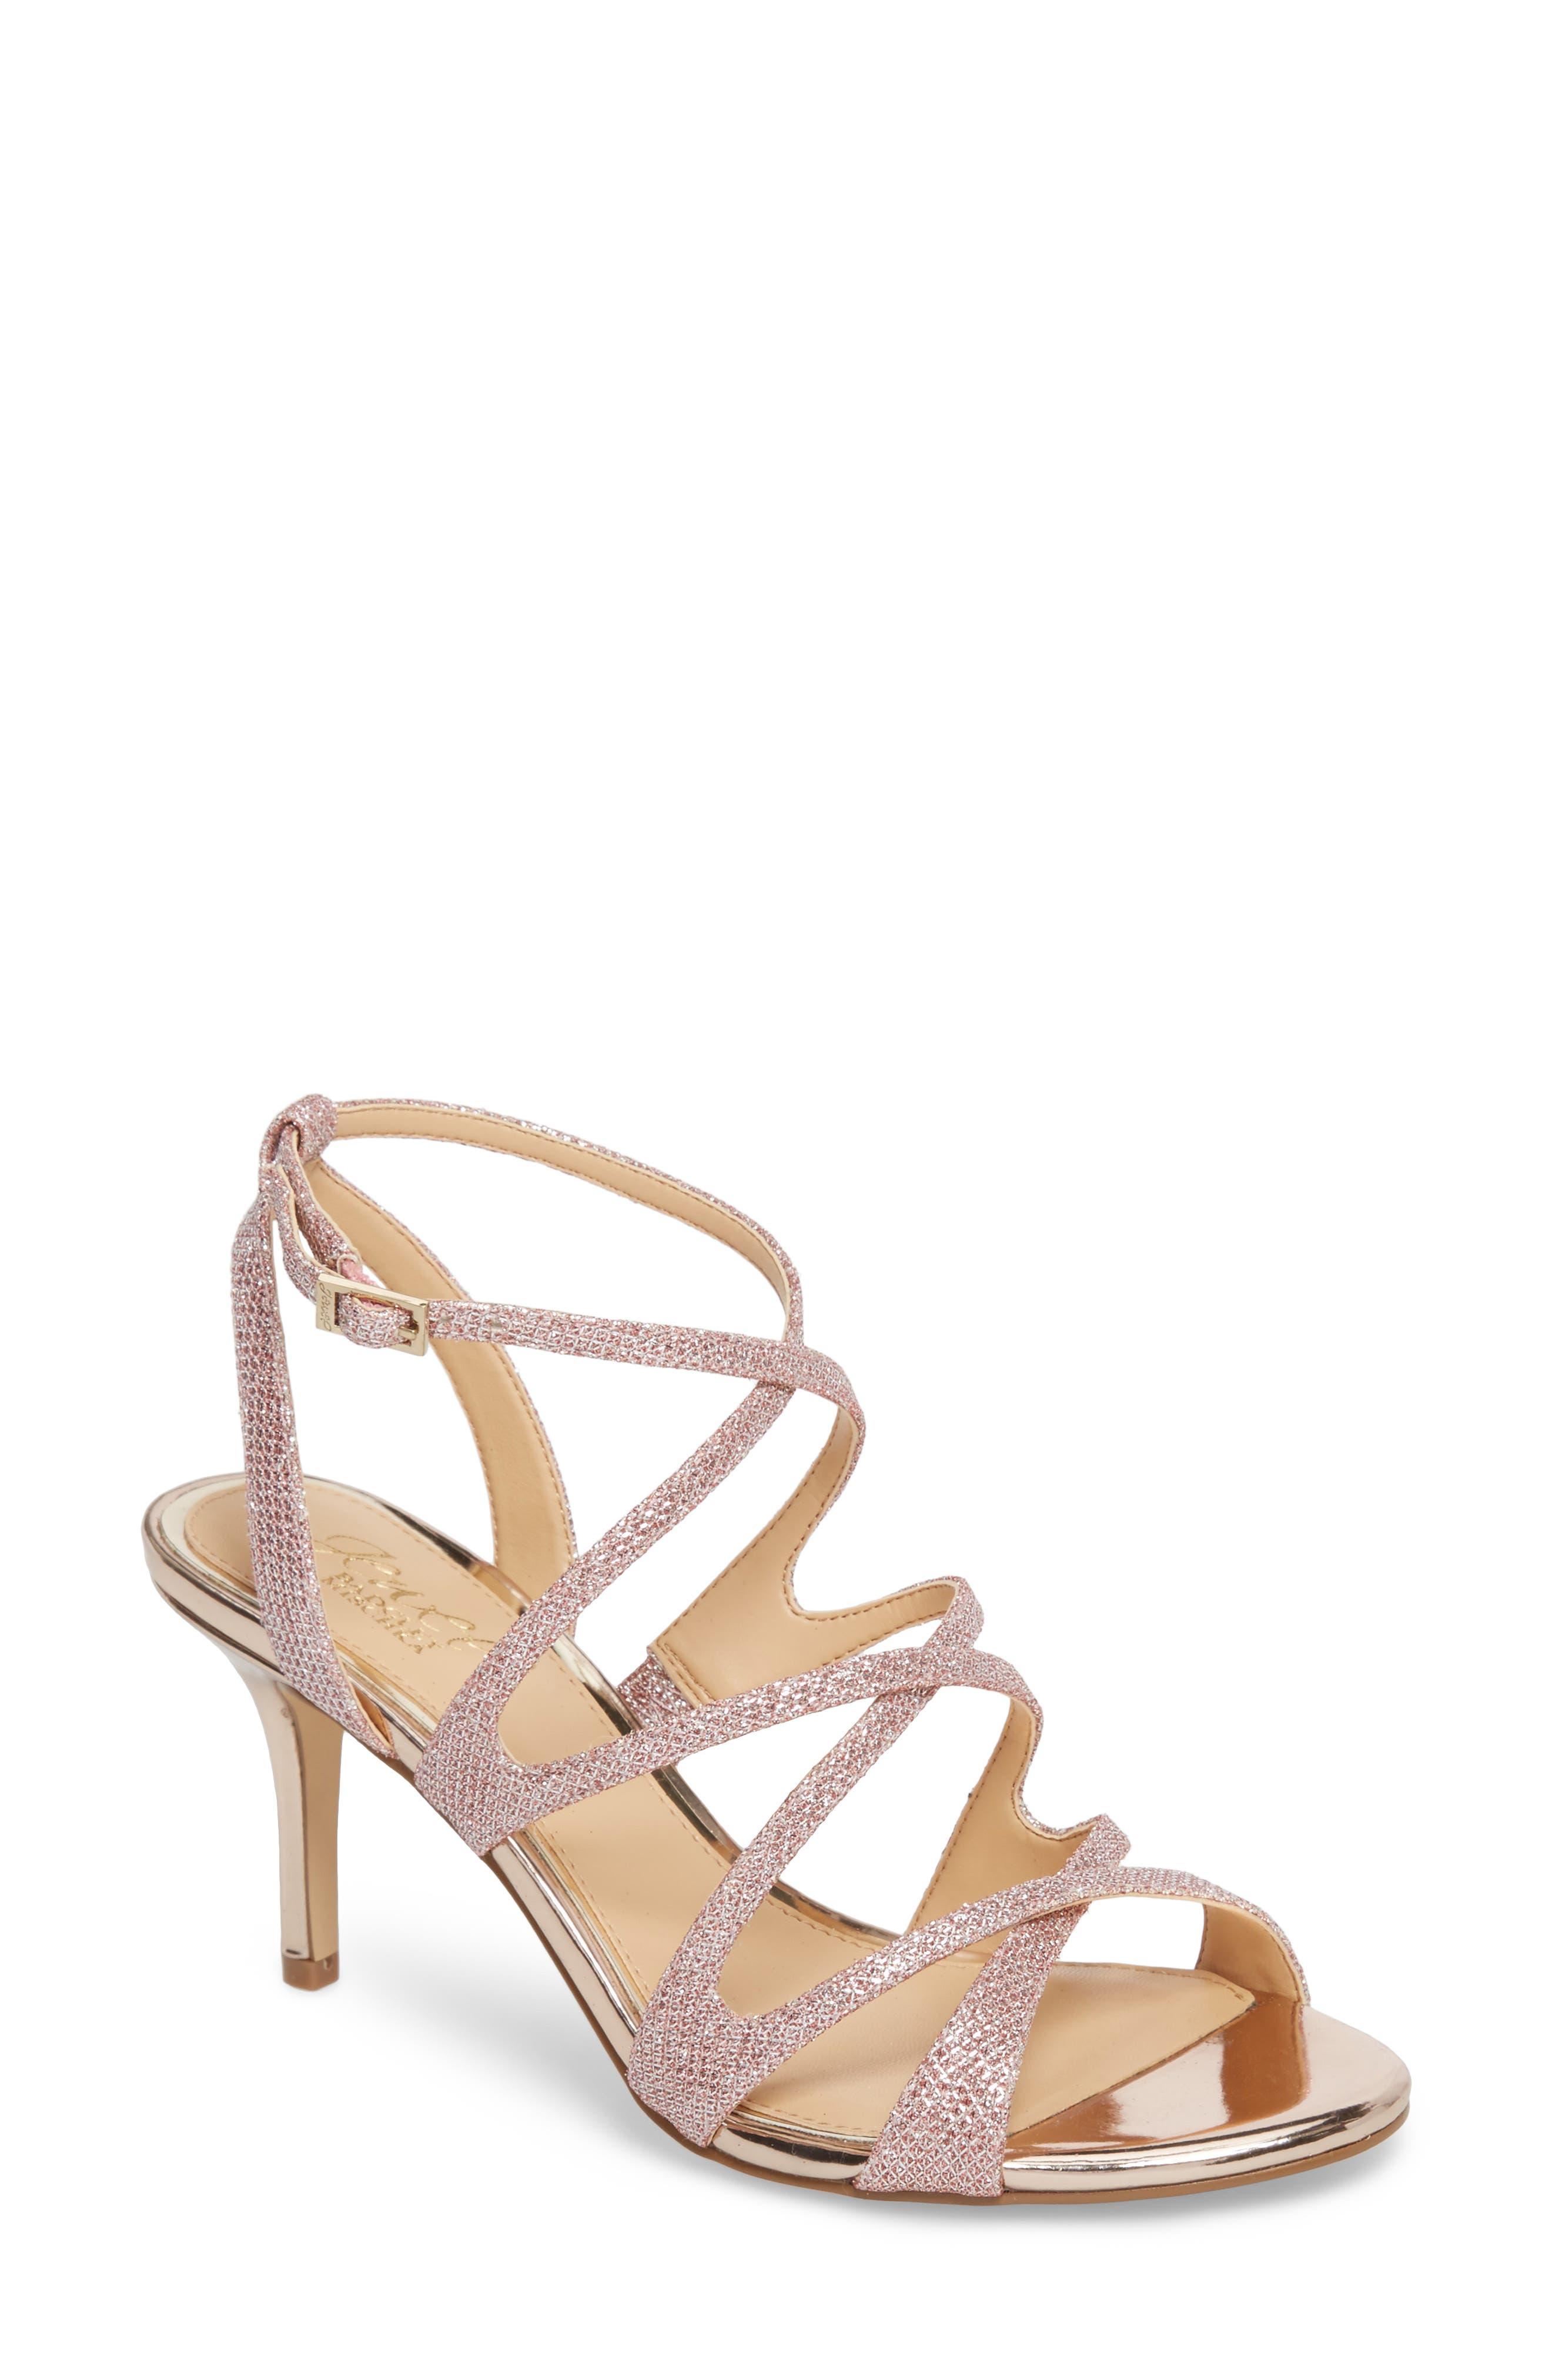 Tasha Glitter Sandal,                         Main,                         color, Rose Gold Glitter